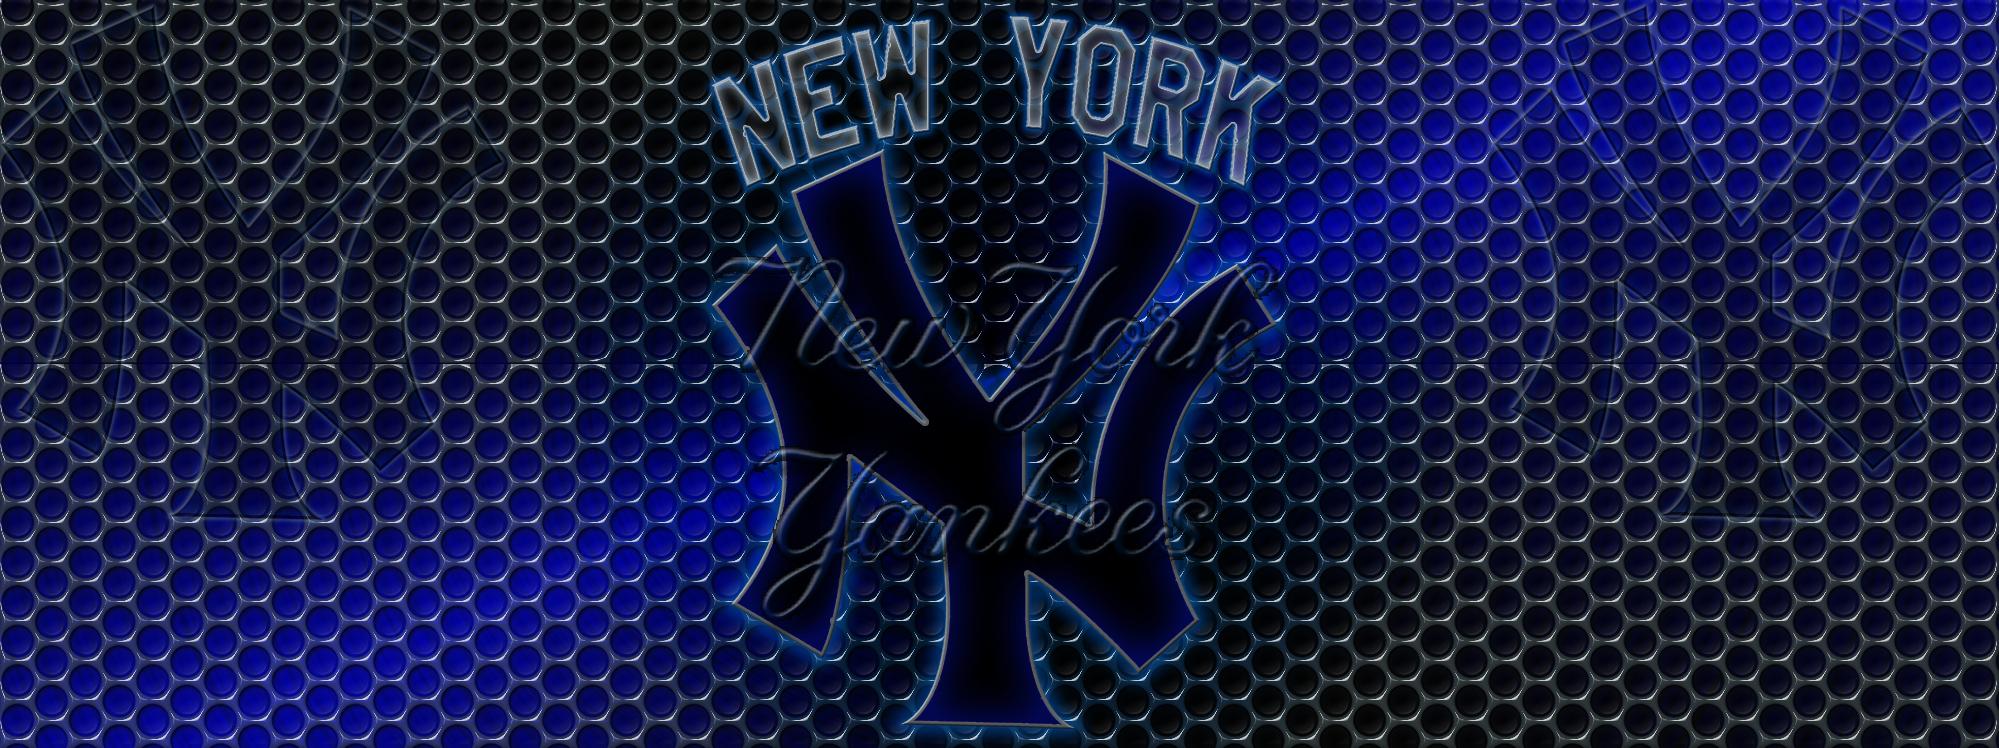 New York Yankees Logo Grid Wallpaper Download Wallpaper 1999x748